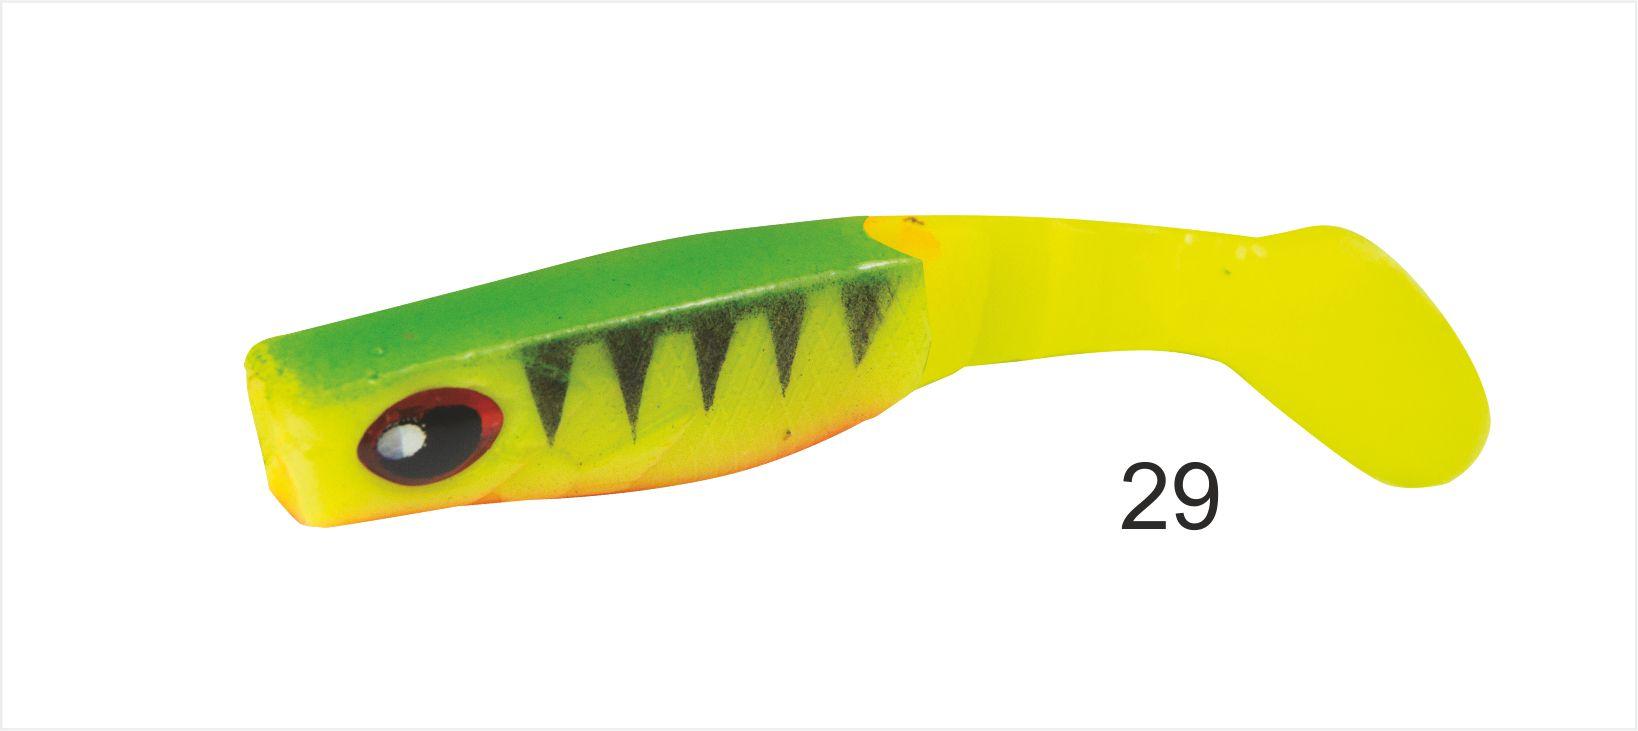 Mistrall gumová nástraha Dominátor 6,5 cm Možnost 29